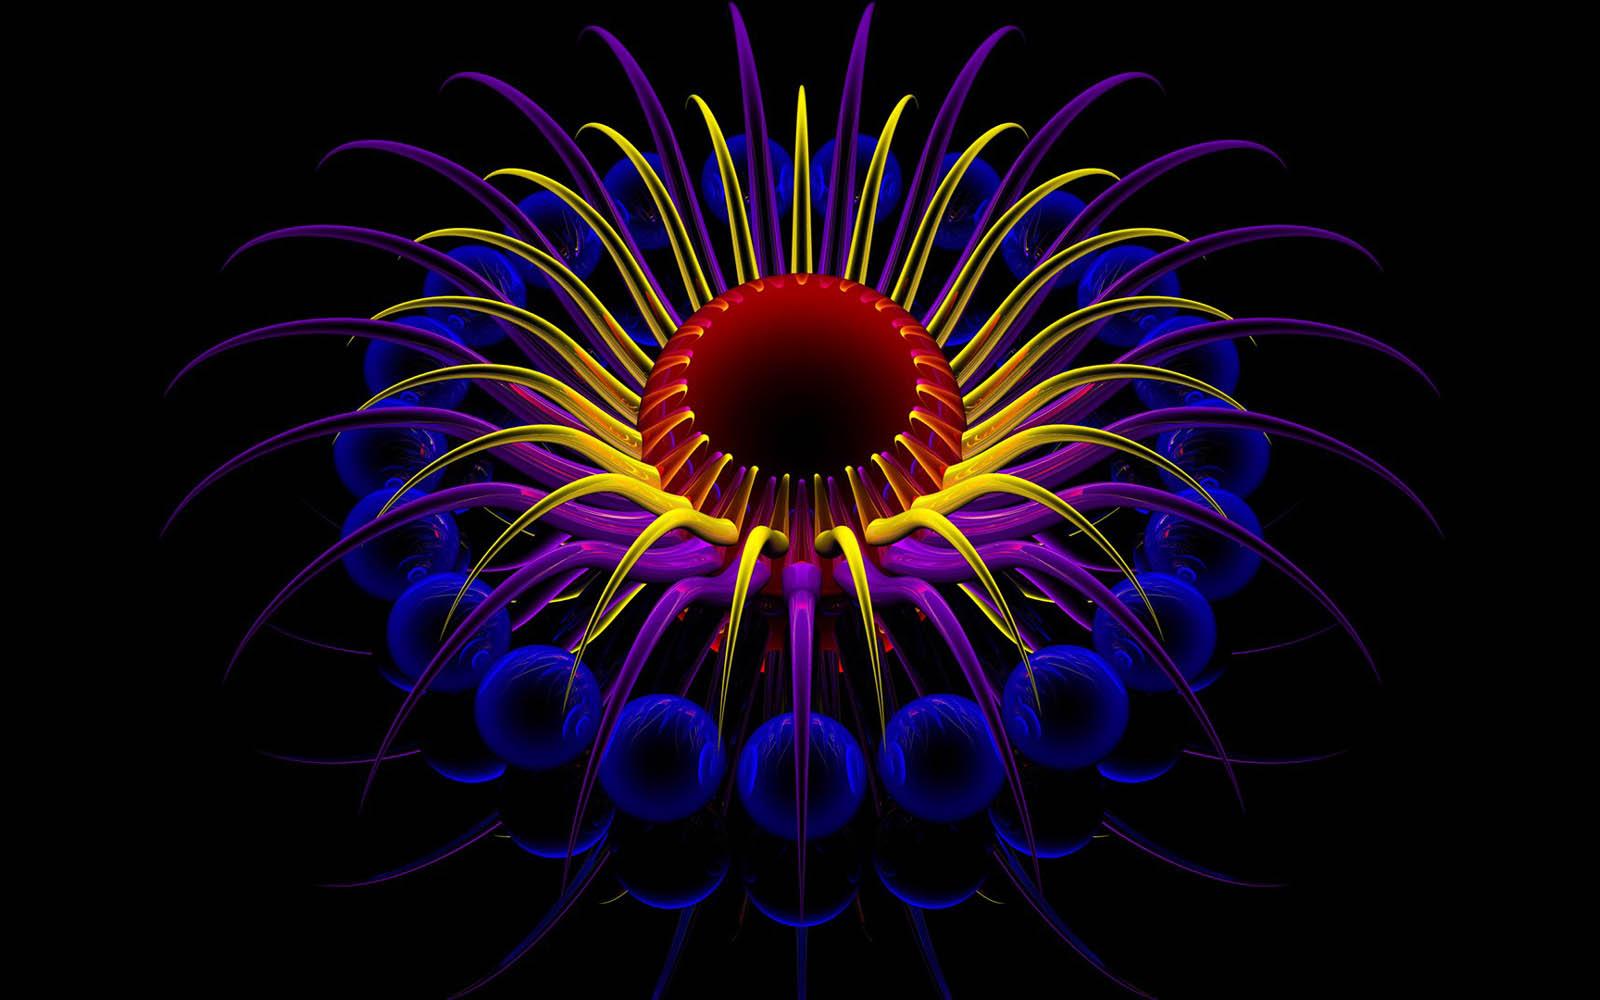 Neon 3D Wallpapers - WallpaperSafari